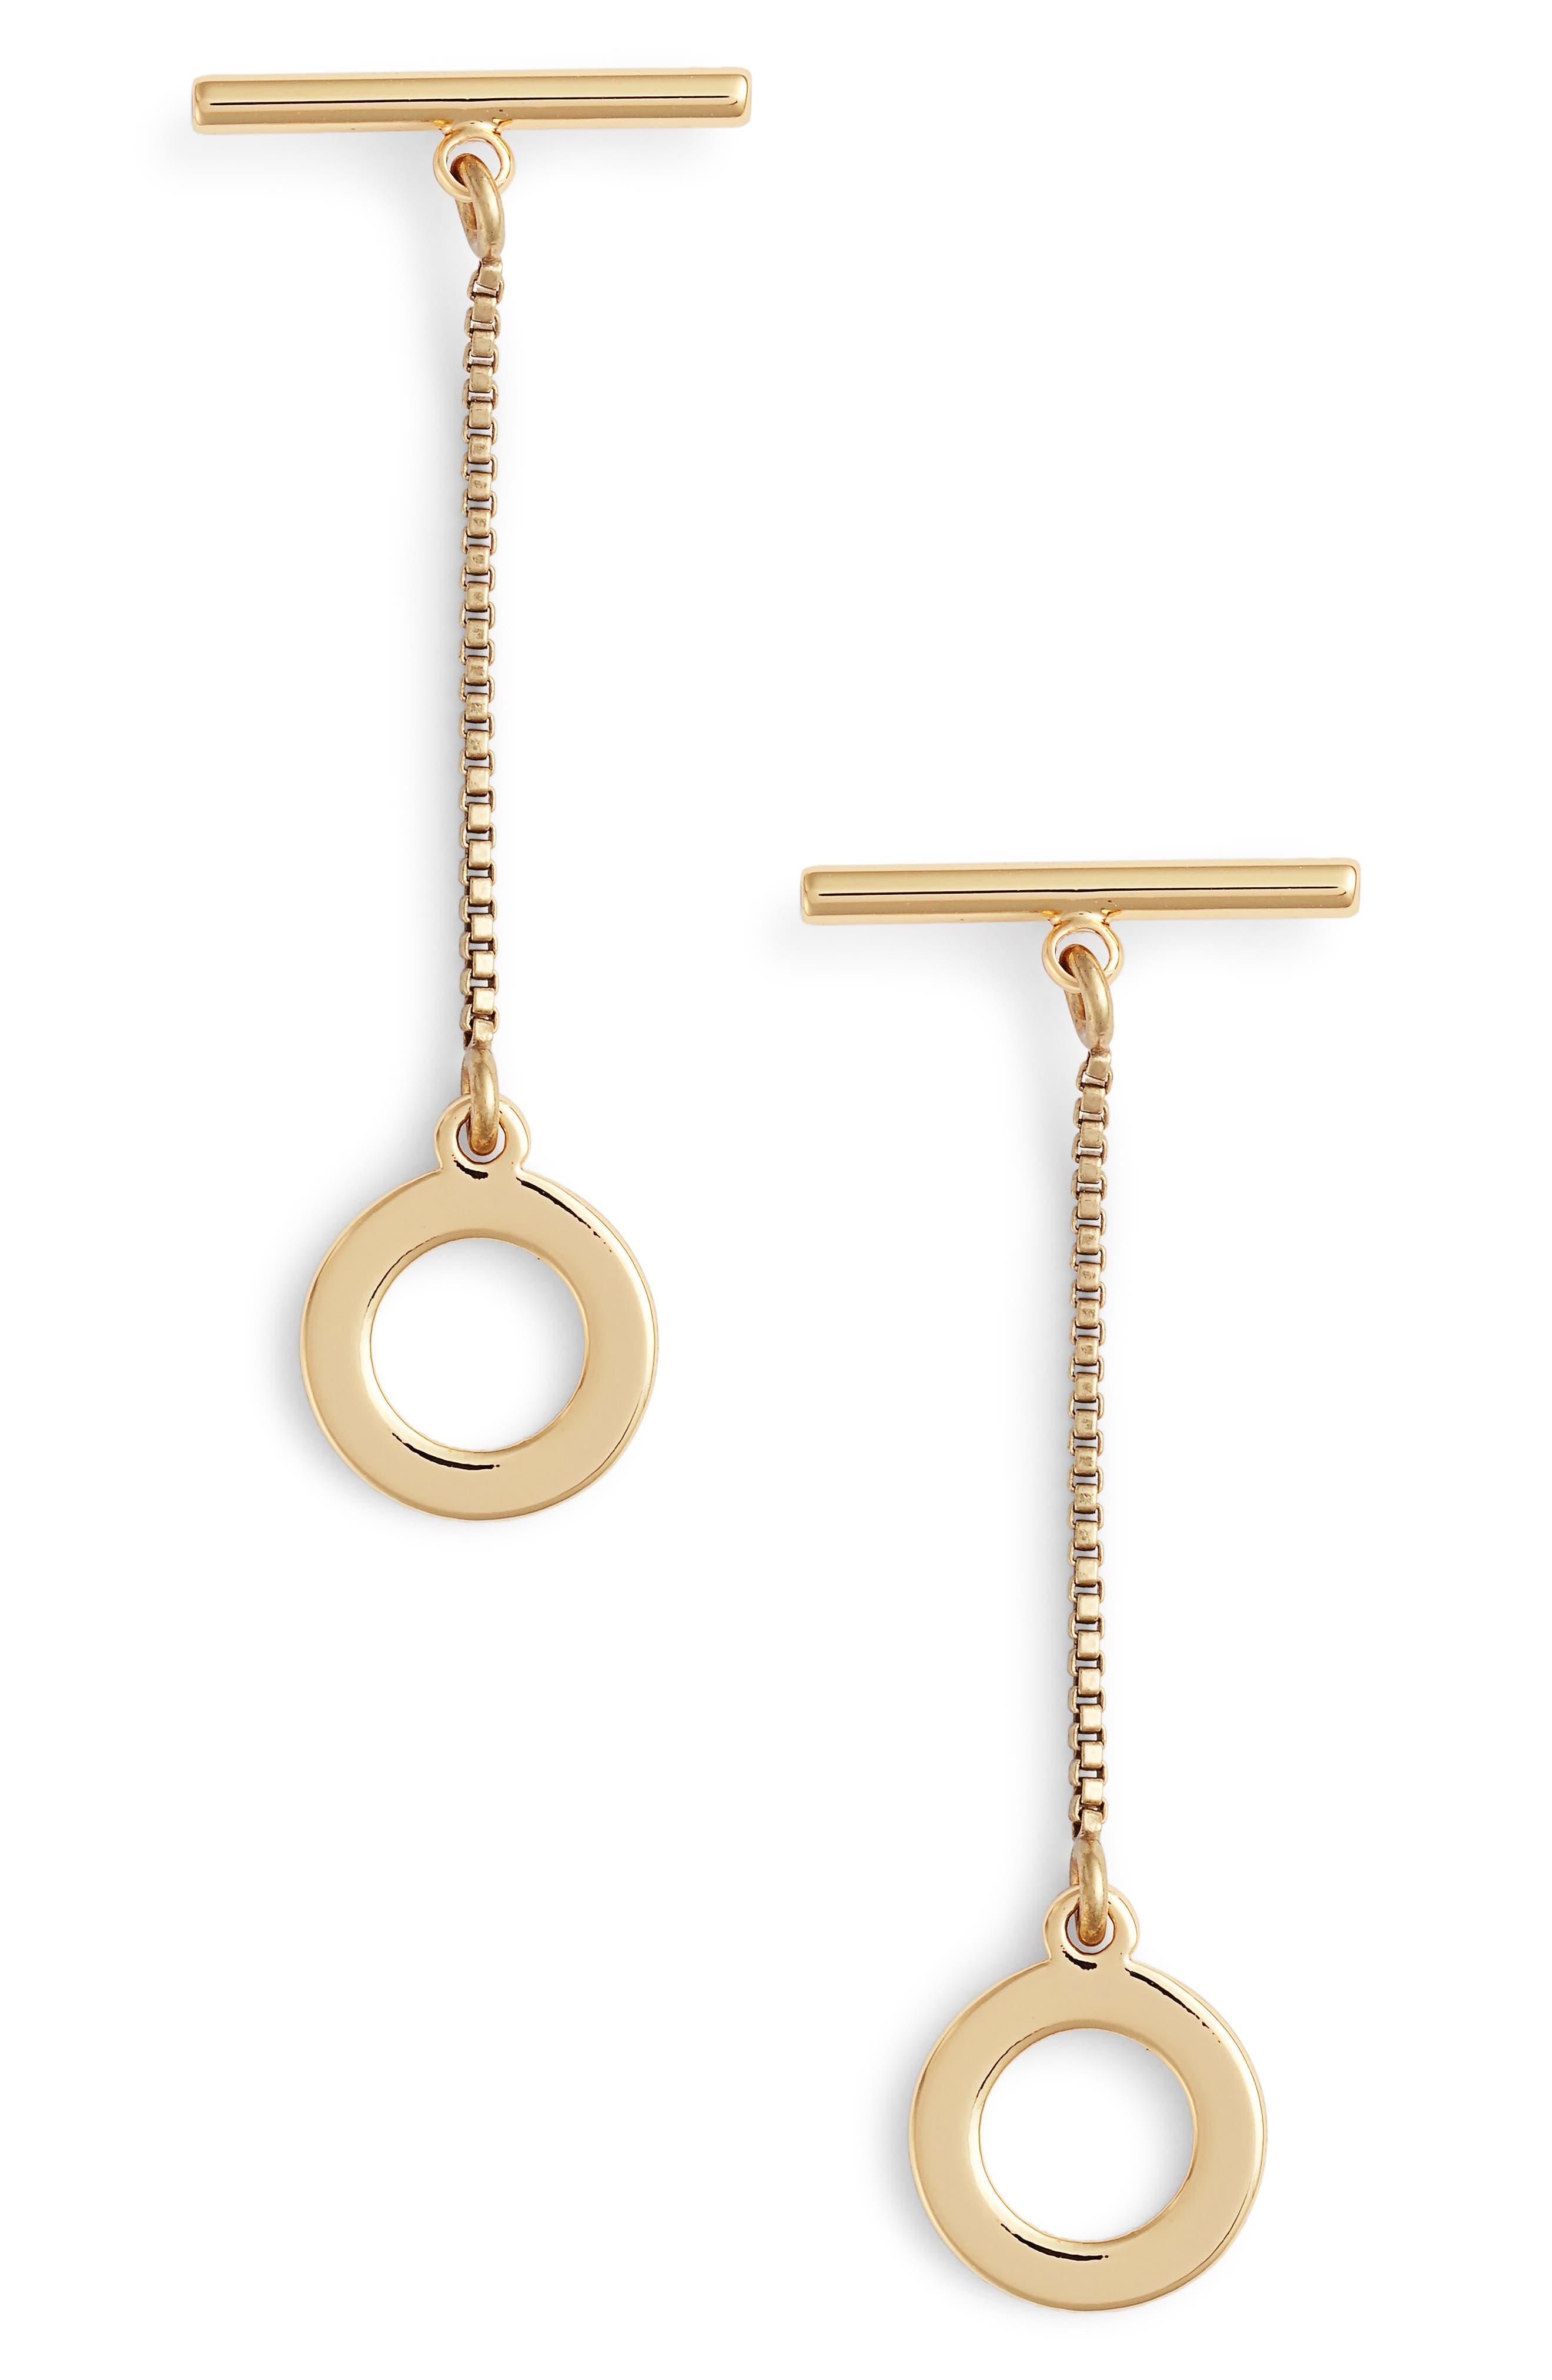 Mimis Hoop Drop Earrings,                             Main thumbnail 1, color,                             GOLD